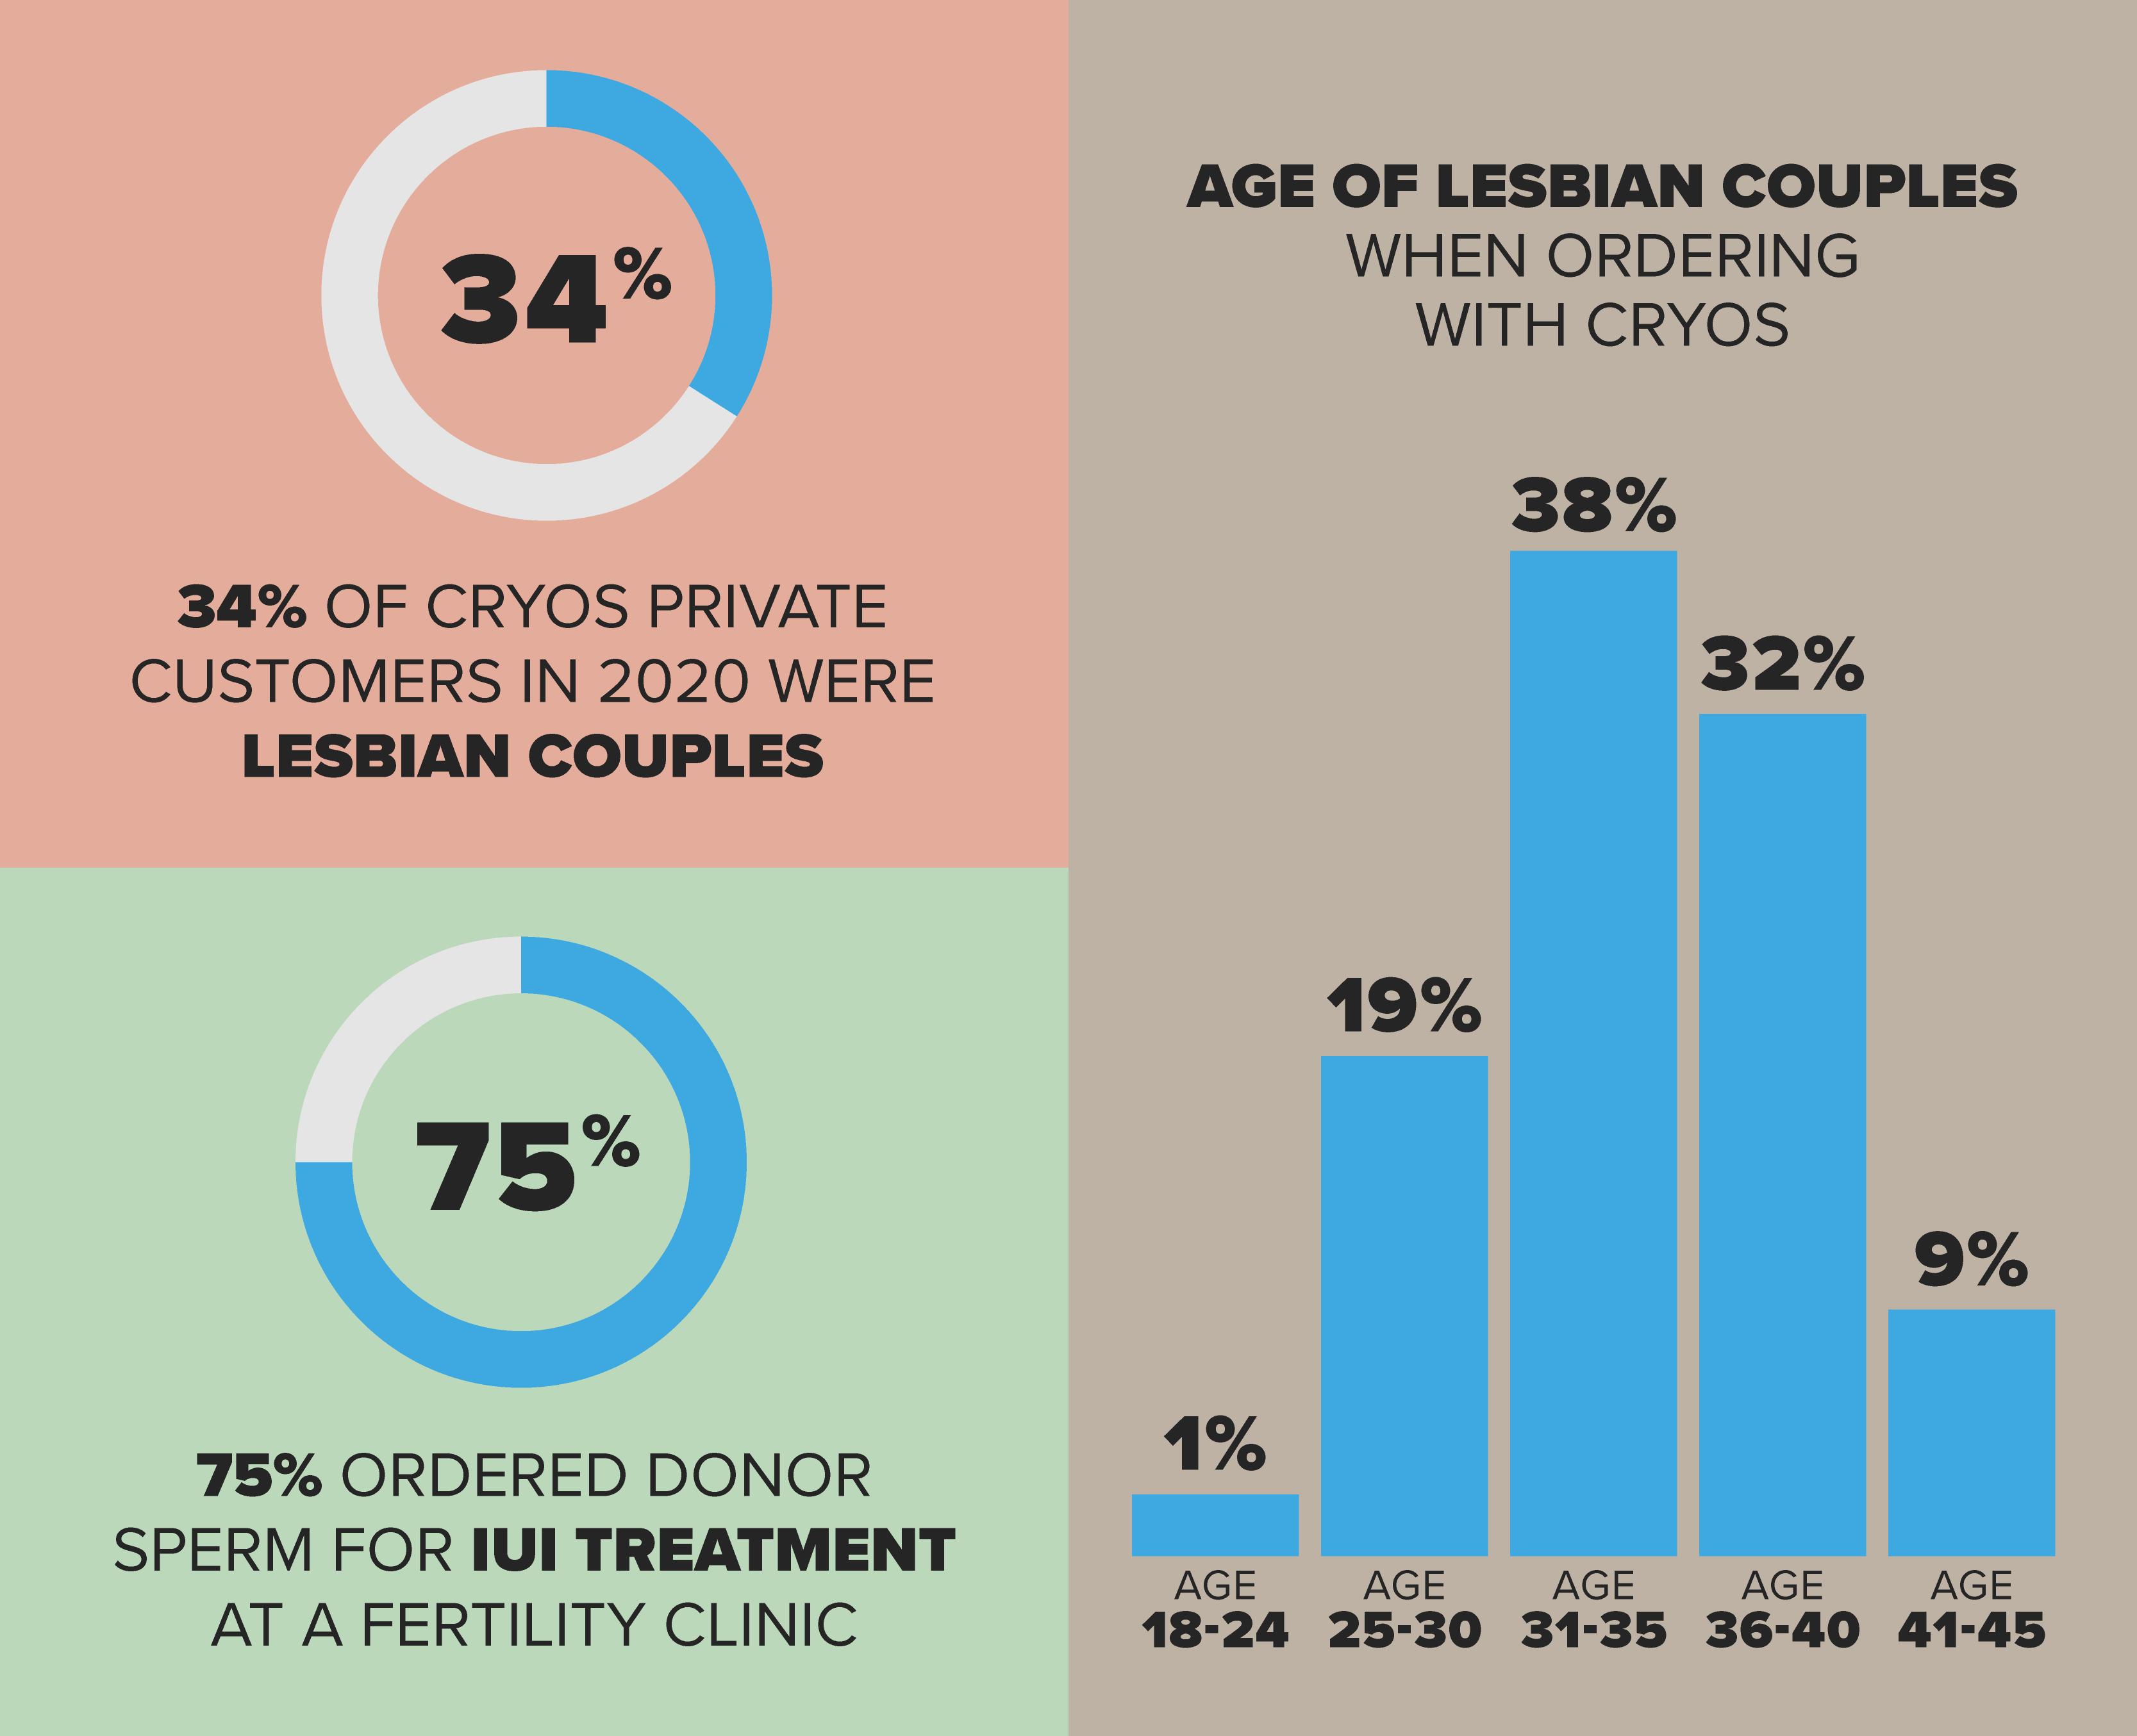 Grafica con informazioni su madri lesbiche e seme di donatore